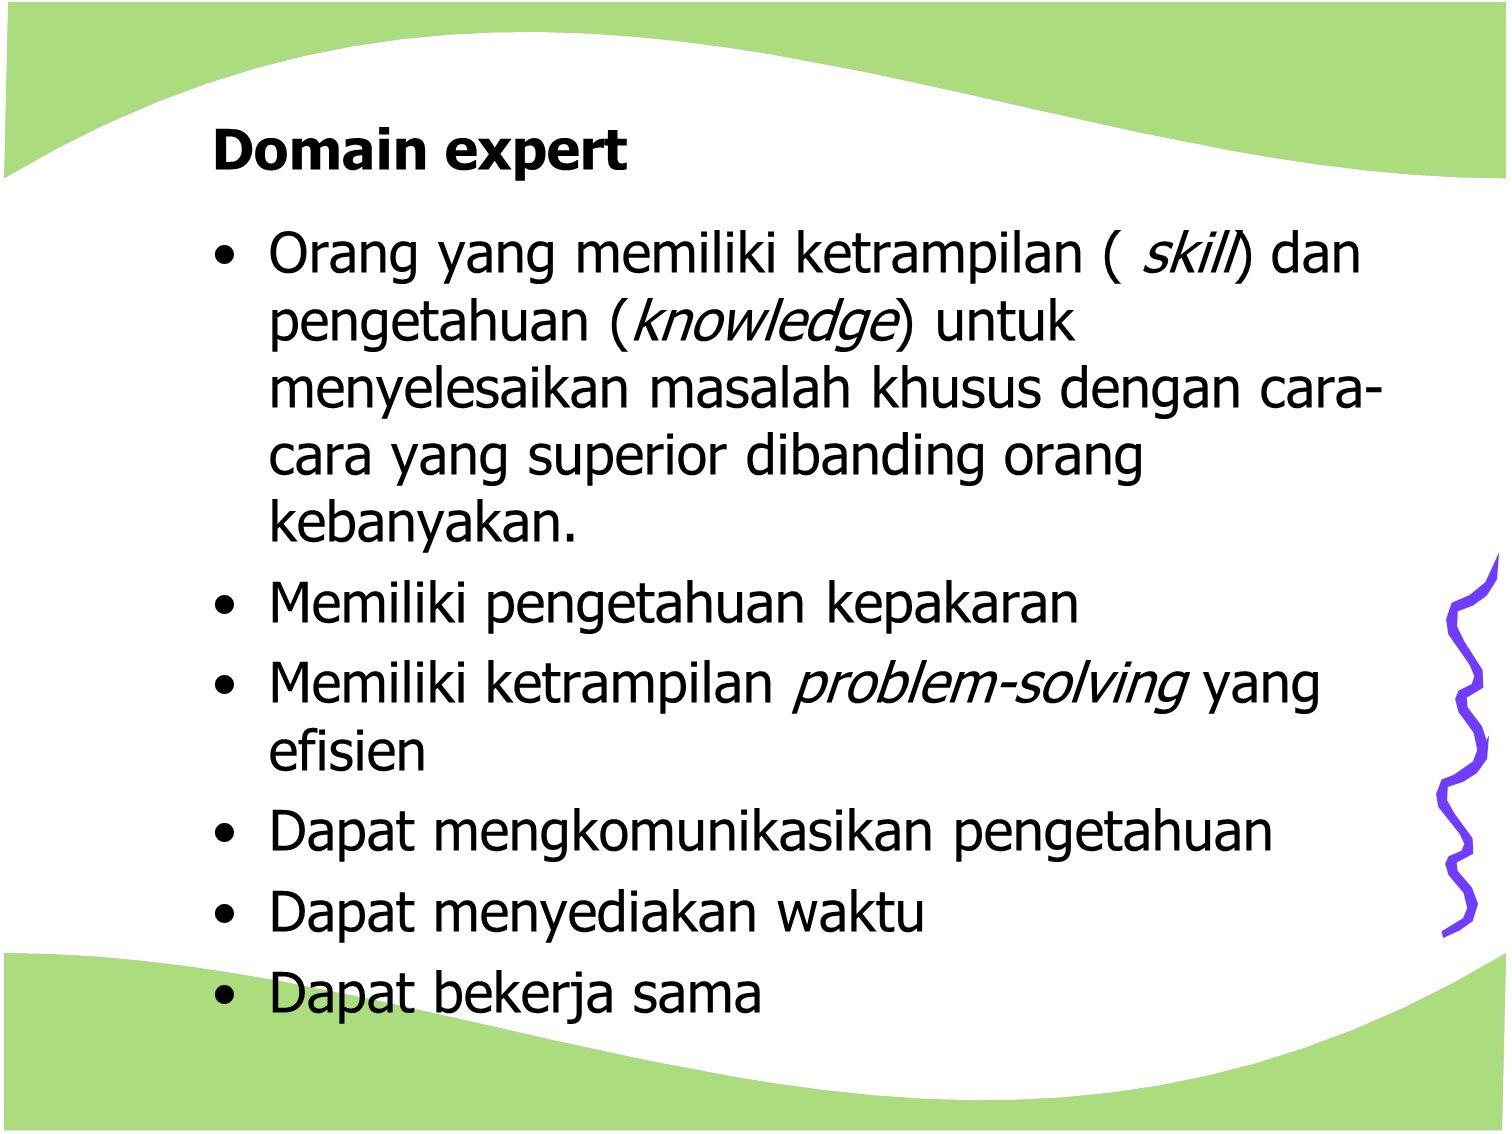 Domain expert Orang yang memiliki ketrampilan ( skill) dan pengetahuan (knowledge) untuk menyelesaikan masalah khusus dengan cara- cara yang superior